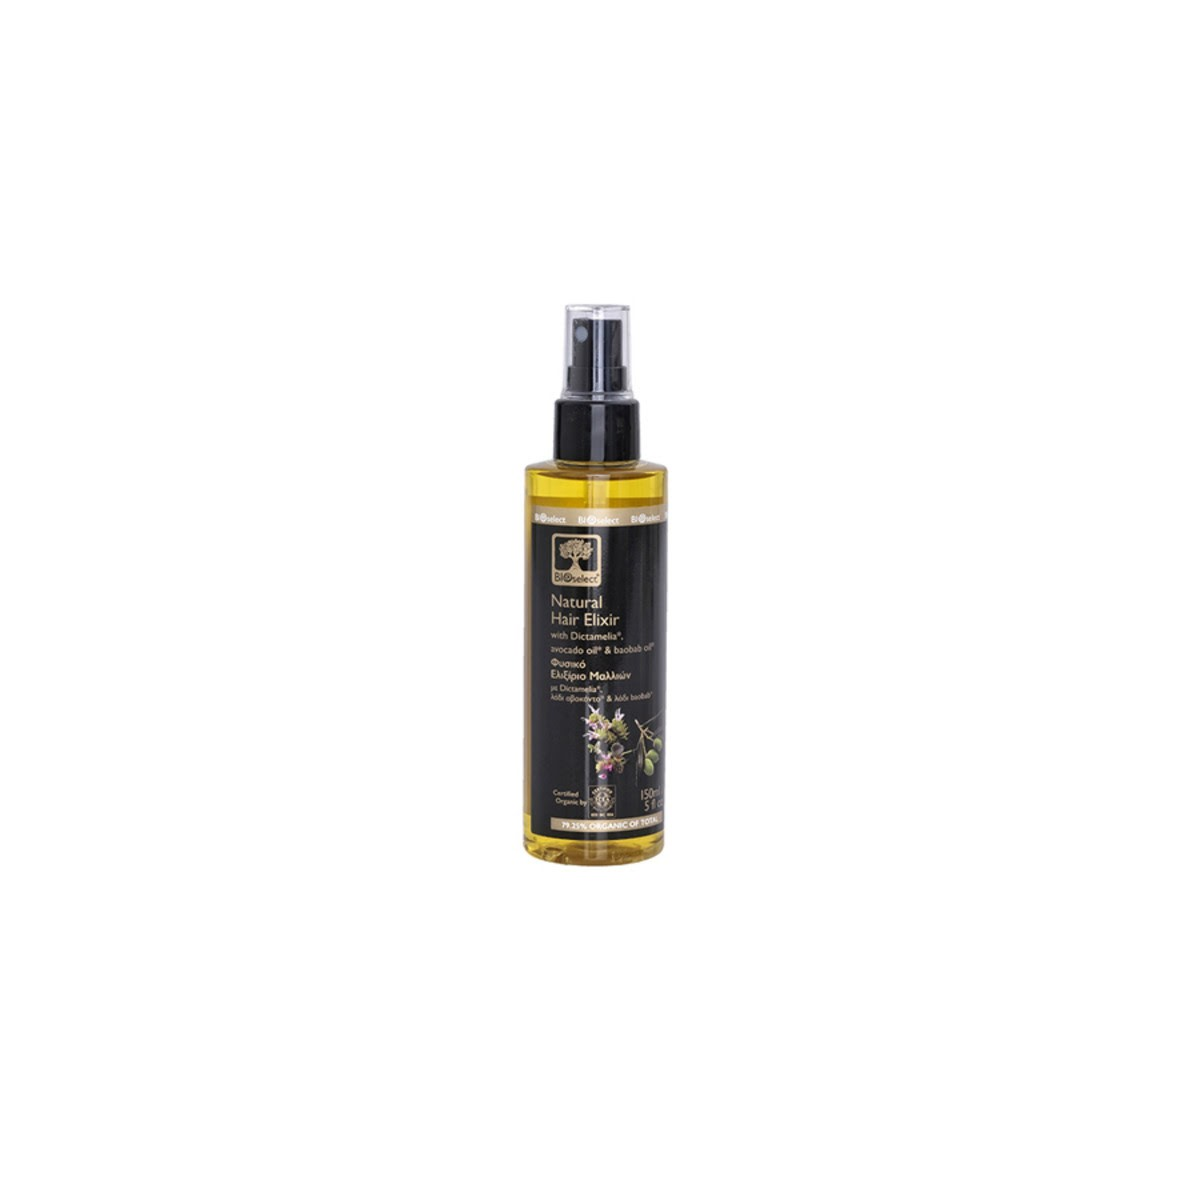 Natural Hair Elixir Bioselect Organic 150ml - Athena and..